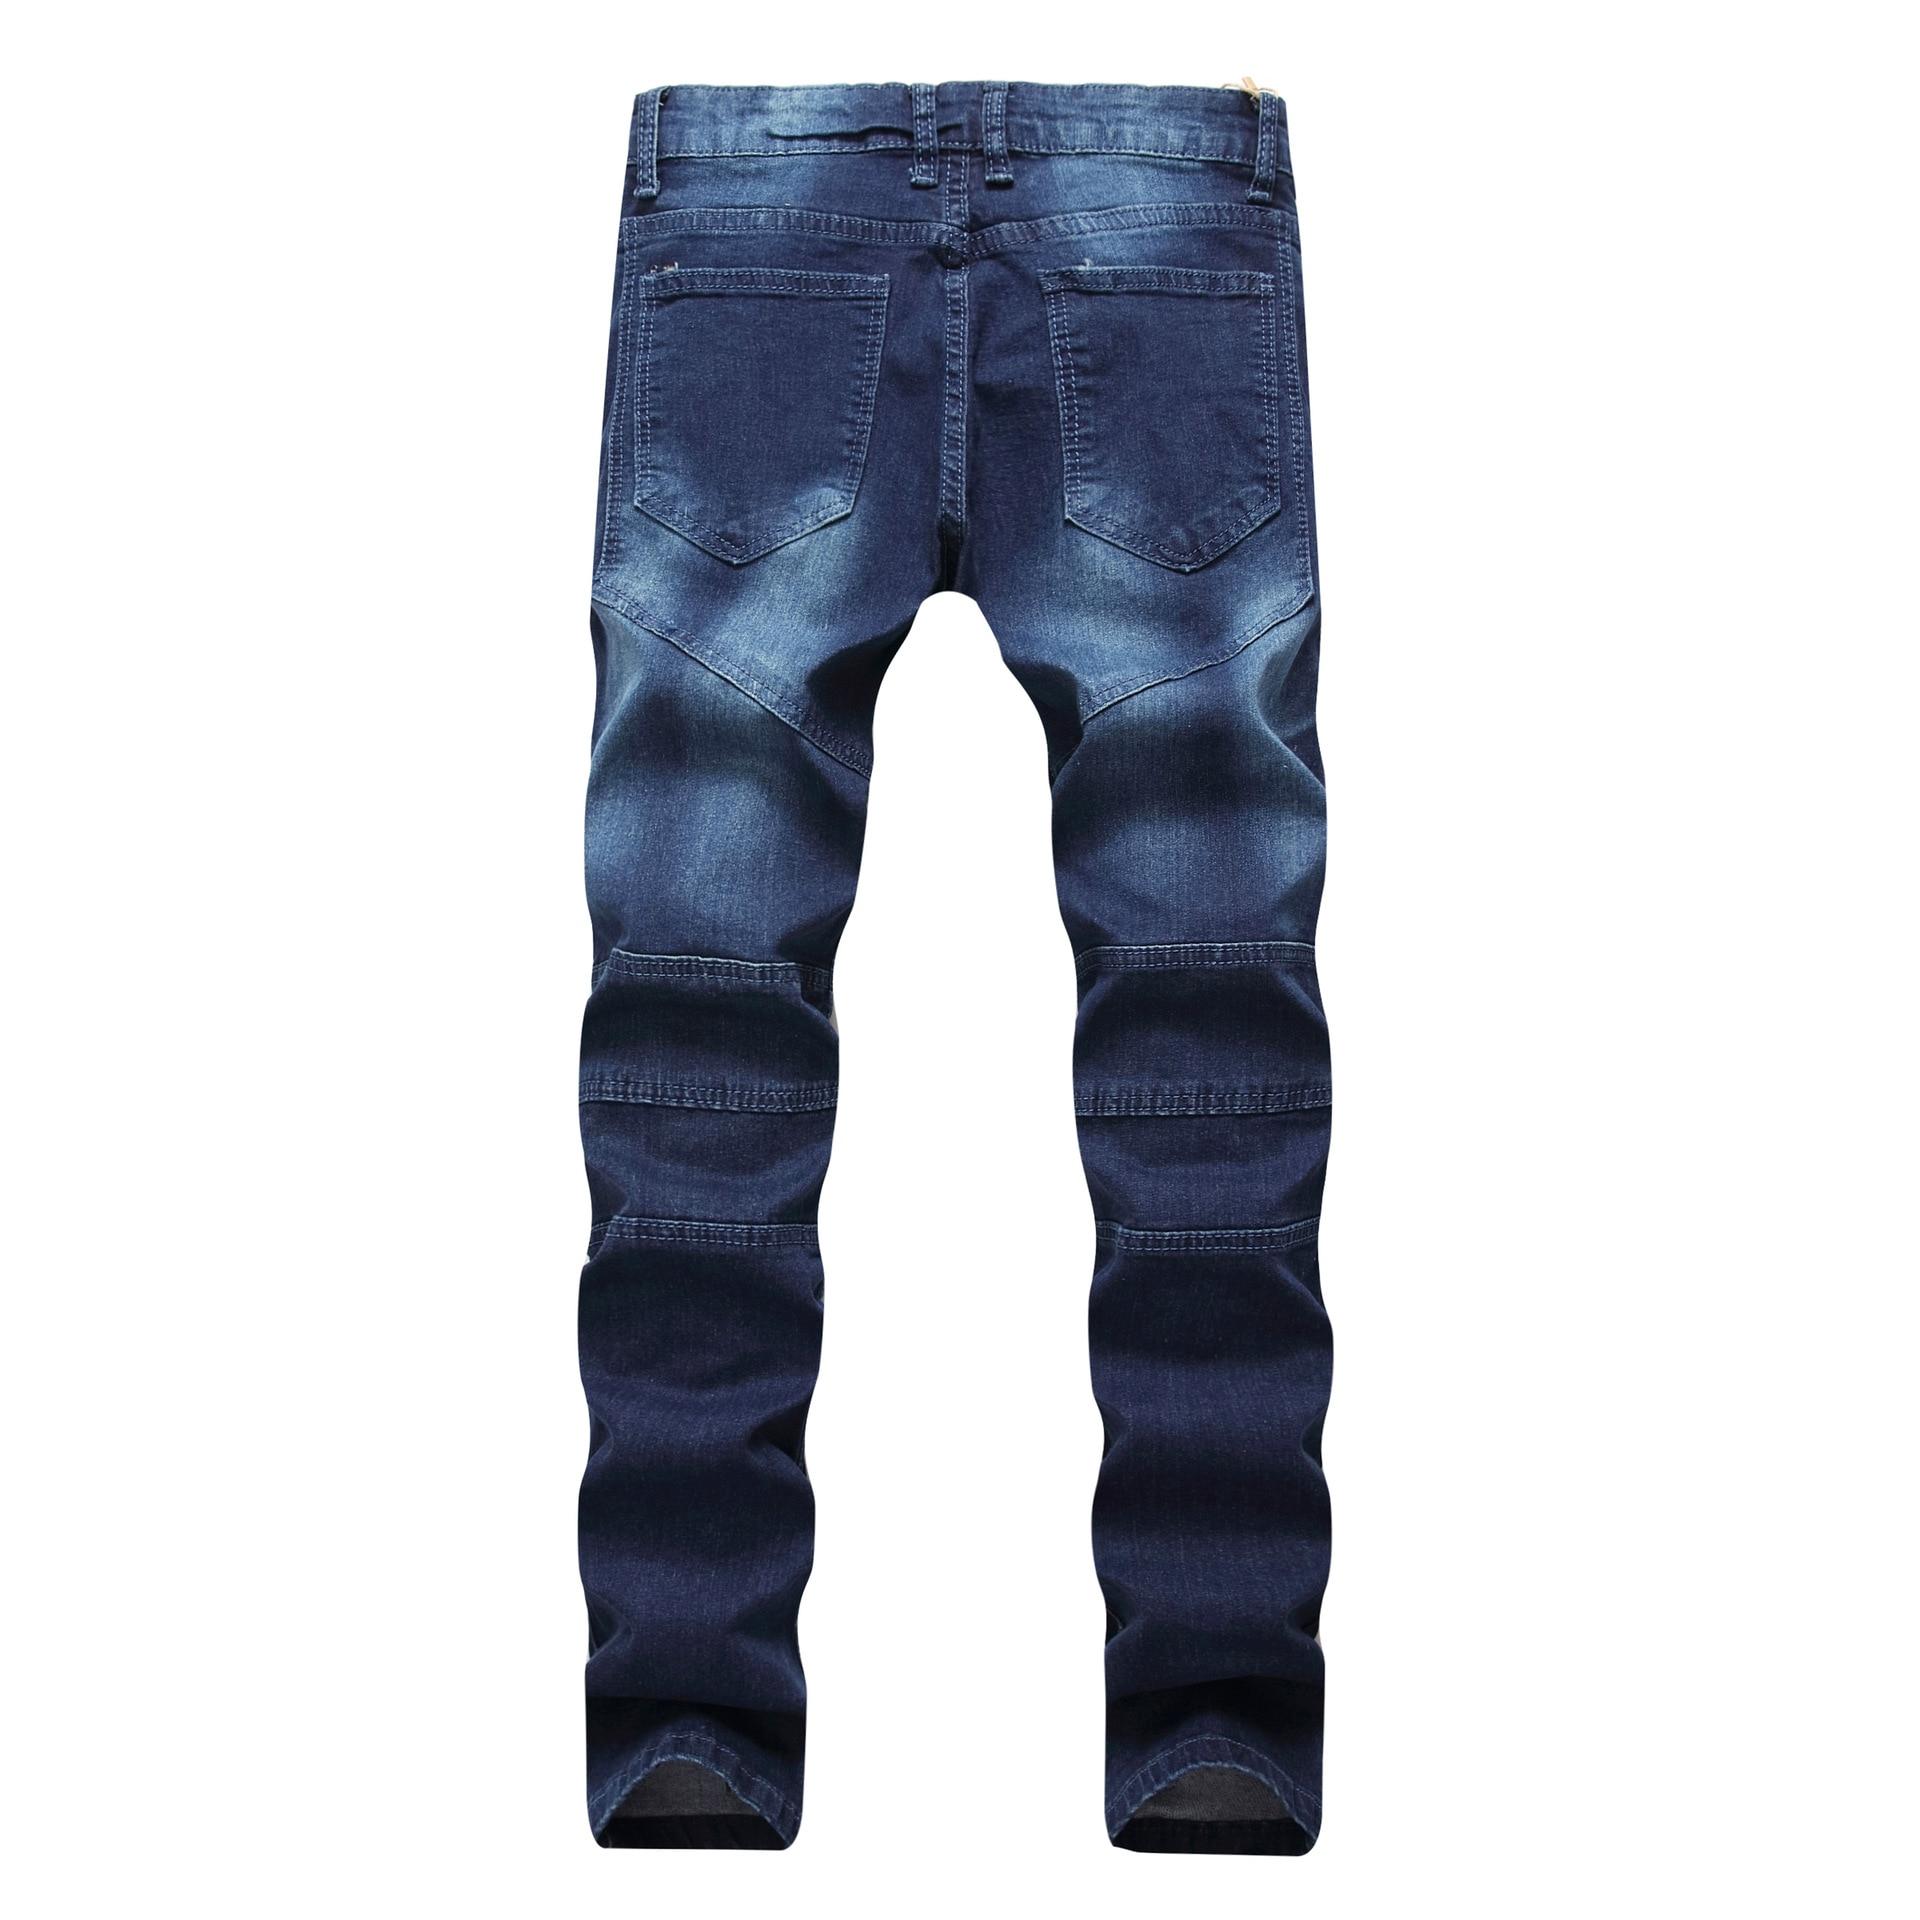 Hi Street hommes déchiré Rider Biker Jeans moto Slim Fit lavé noir gris bleu Denim pantalon Joggers Skinny hommes